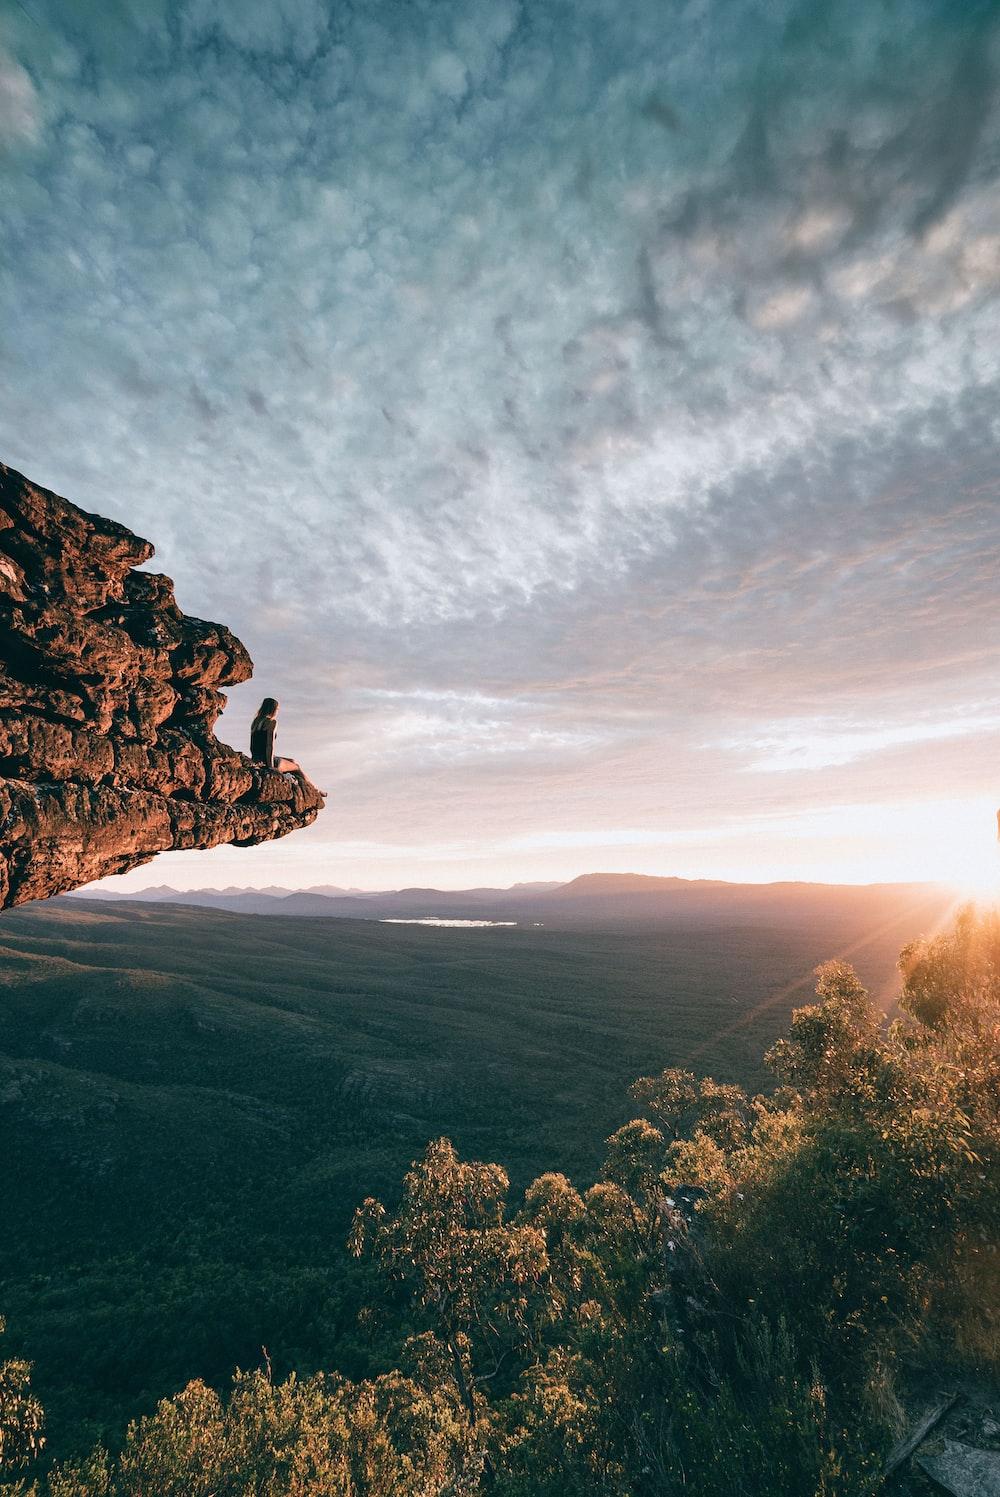 man sitting on mountain rock